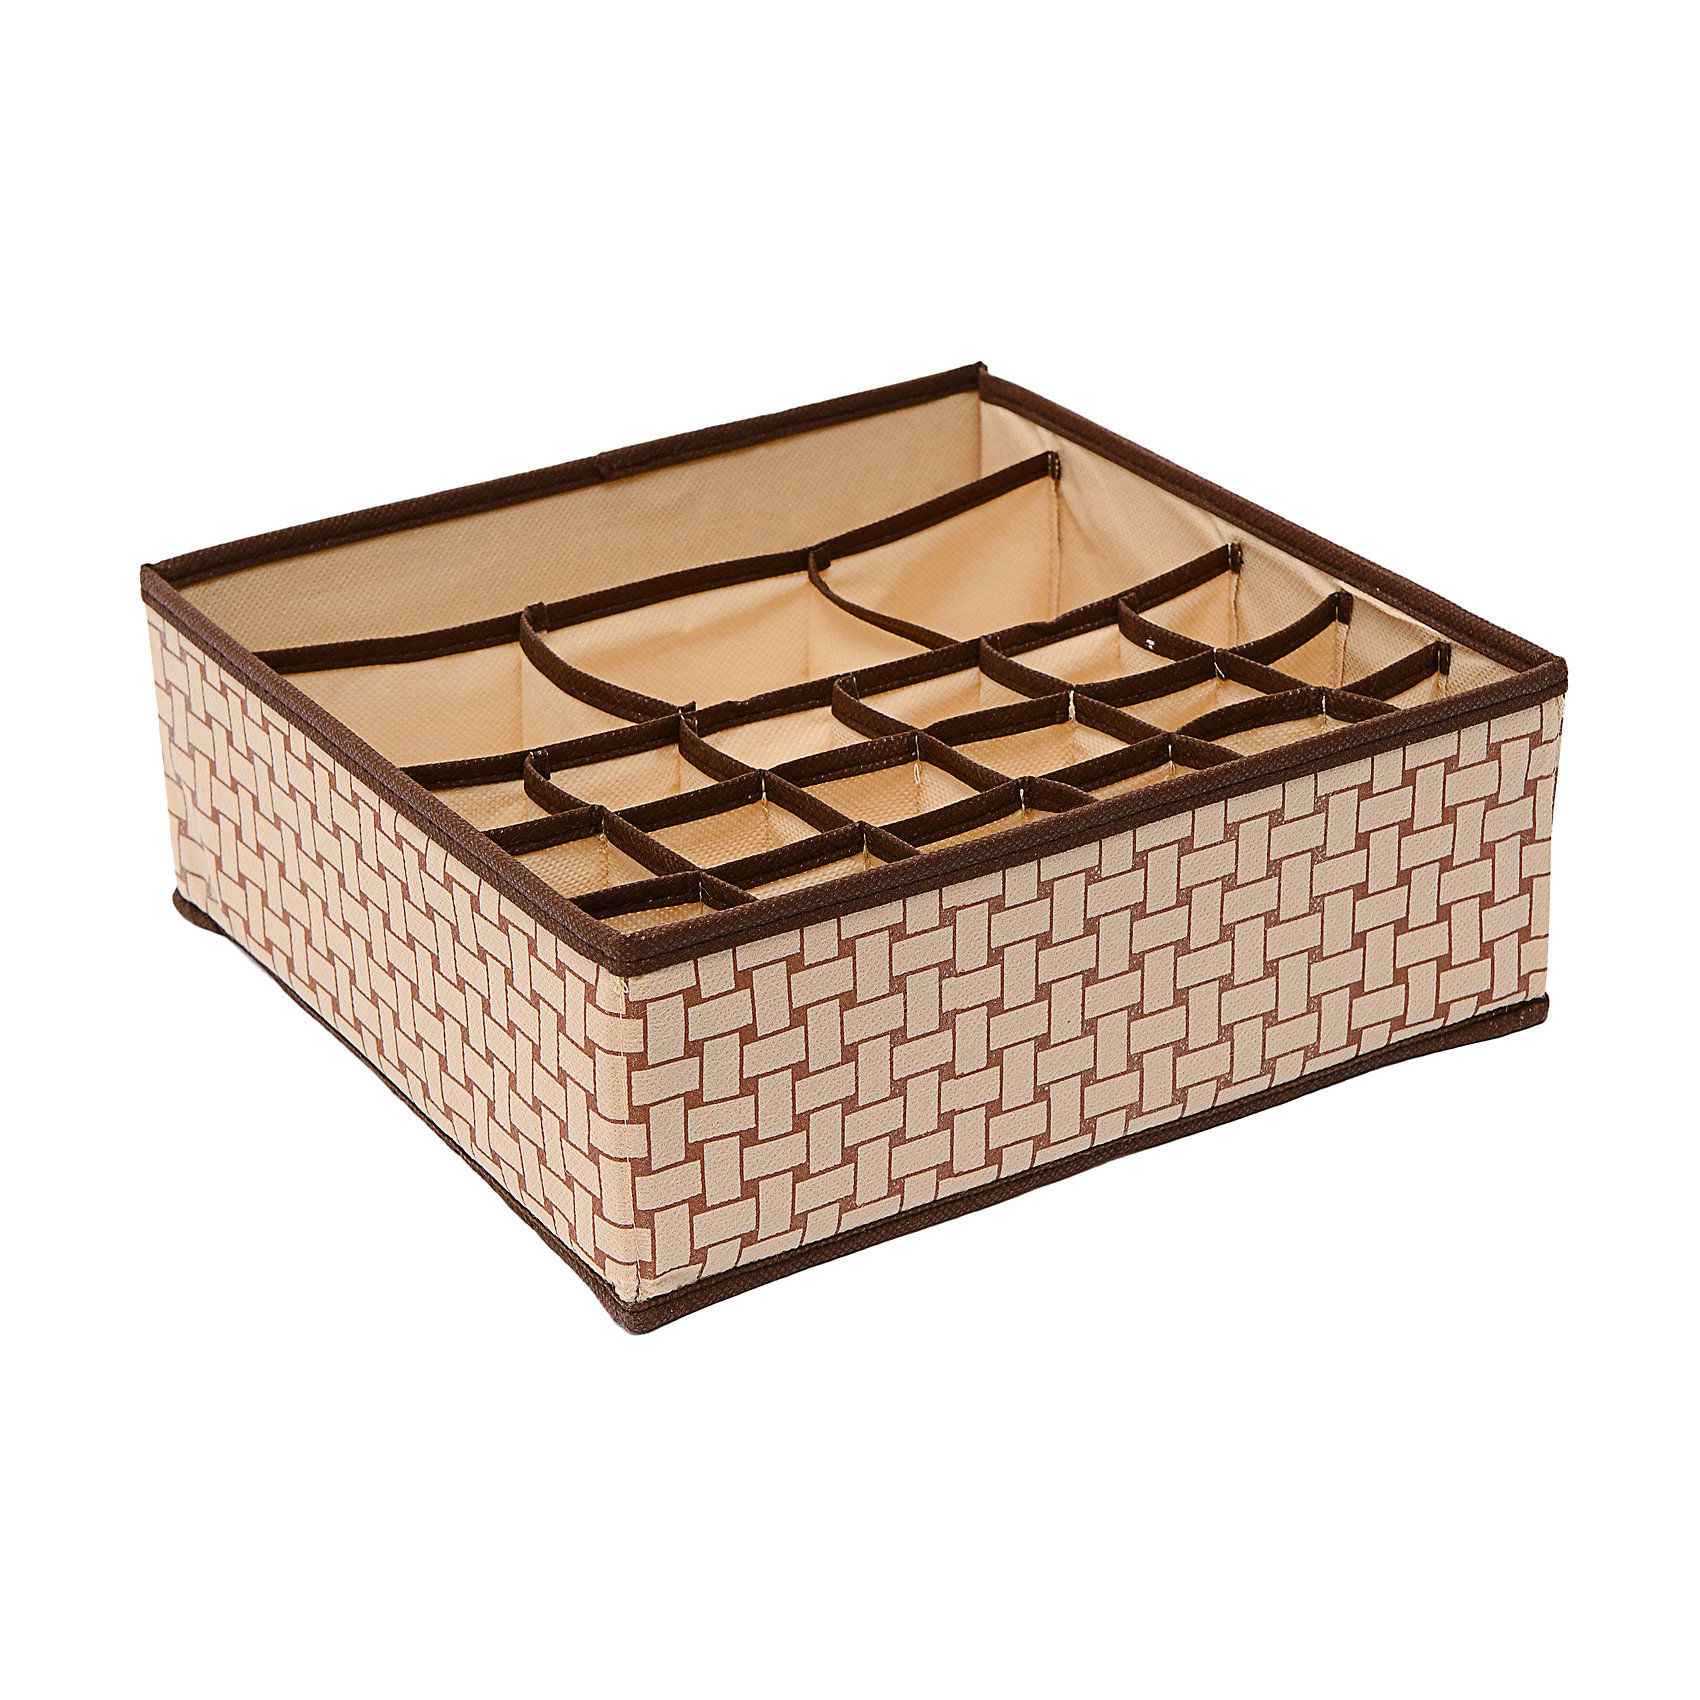 Органайзер на 18+3+1 (30*30*11) Pletenka, HomsuПорядок в детской<br>Характеристики товара:<br><br>• цвет: бежевый<br>• материал: спанбонд, картон, ПВХ<br>• размер: 30х30х11 см<br>• вес: 200 г<br>• легкий прочный каркас<br>• обеспечивает естественную вентиляцию<br>• вместимость: 22 отделения<br>• страна бренда: Россия<br>• страна изготовитель: Китай<br><br>Органайзер на 18+3+1 Pletenka от бренда Homsu (Хомсу) - очень удобная вещь для хранения вещей и эргономичной организации пространства.<br><br>Он легкий, устойчивый, вместительный, обеспечивает естественную вентиляцию.<br><br>Органайзер на 18+3+1 Pletenka (30*30*11), Homsu можно купить в нашем интернет-магазине.<br><br>Ширина мм: 530<br>Глубина мм: 110<br>Высота мм: 20<br>Вес г: 200<br>Возраст от месяцев: 216<br>Возраст до месяцев: 1188<br>Пол: Унисекс<br>Возраст: Детский<br>SKU: 5620153